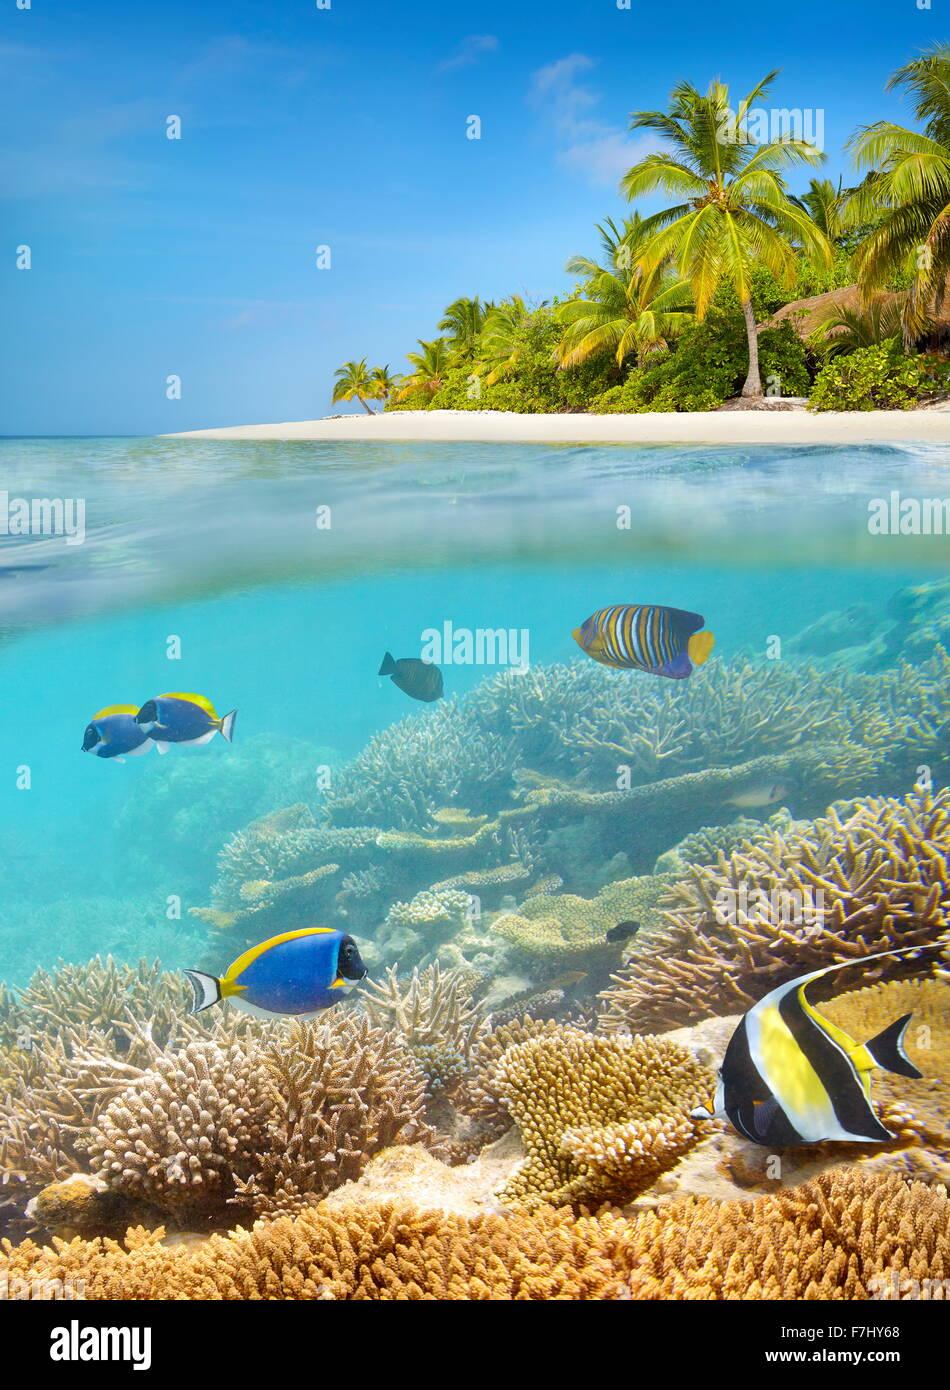 Spiaggia tropicale a Isole Maldive Immagini Stock